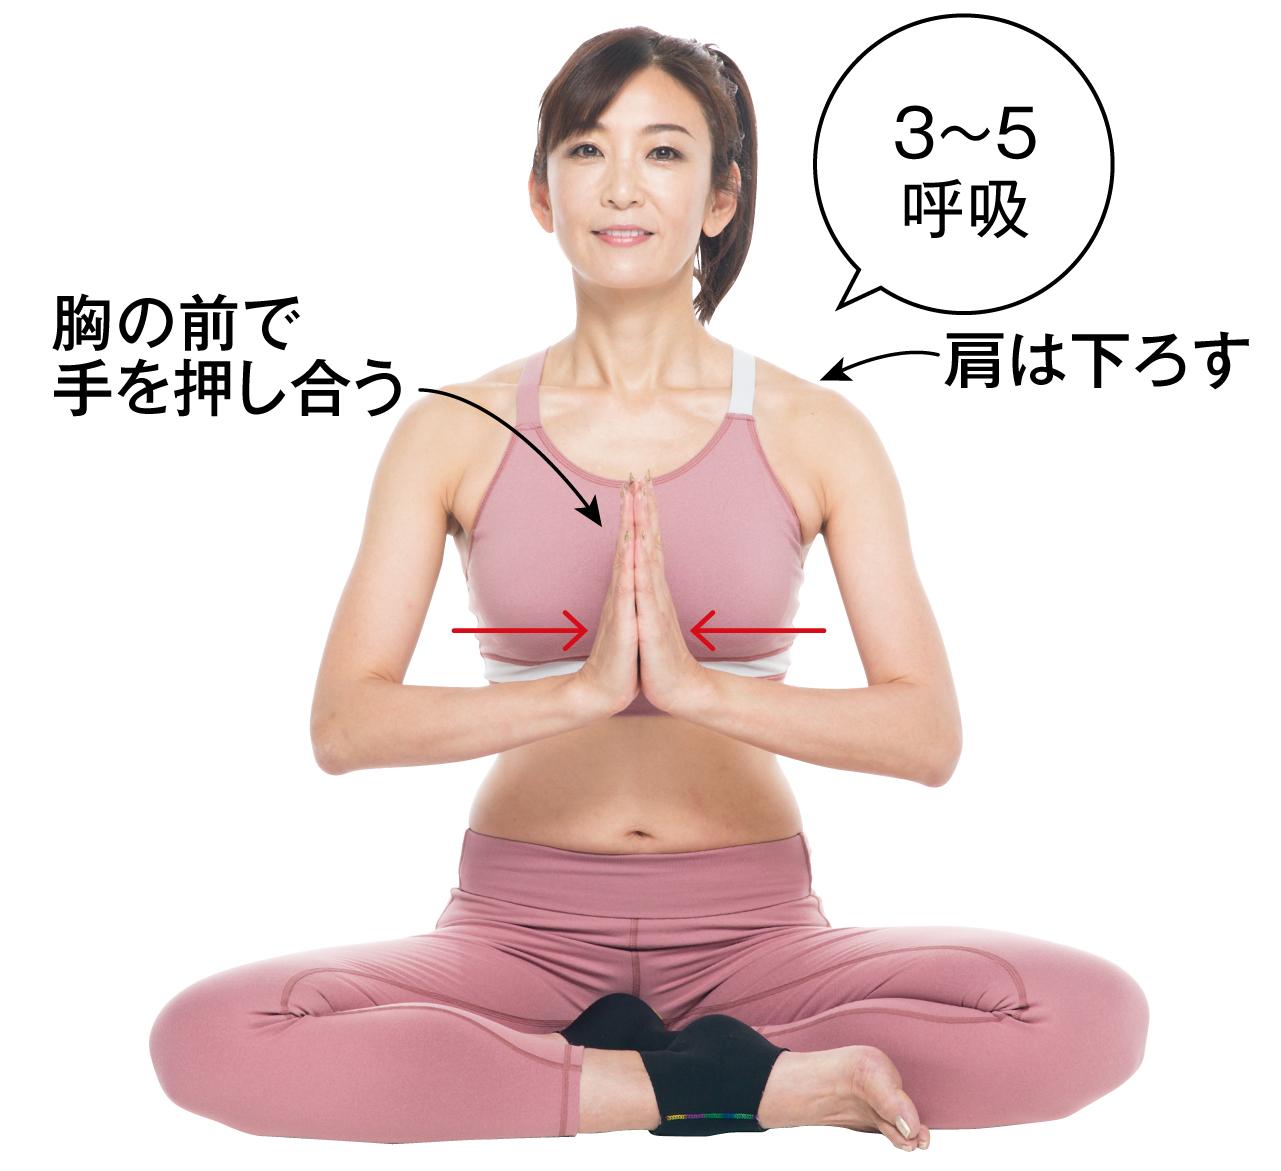 肩は下ろす 胸の前で手を押し合う 3〜5呼吸